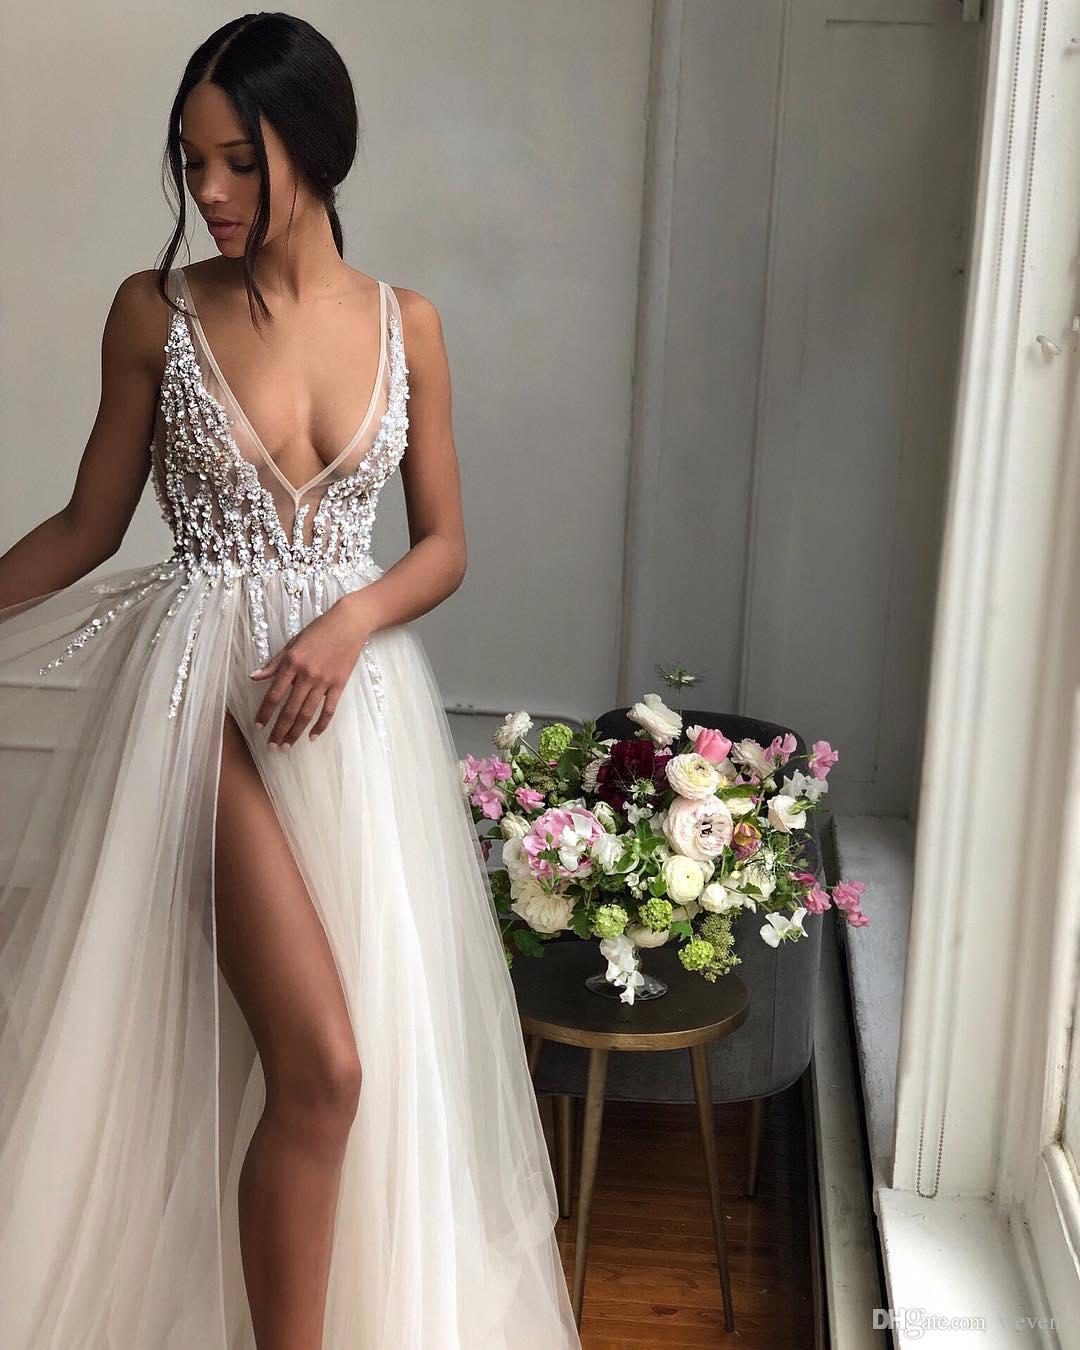 Свадебные платья Berta Beach 2019 с глубоким V-образным вырезом из бисера и богемных свадебных платьев с разрезом по линии и длиной до пола Тюль Vestido De Novia